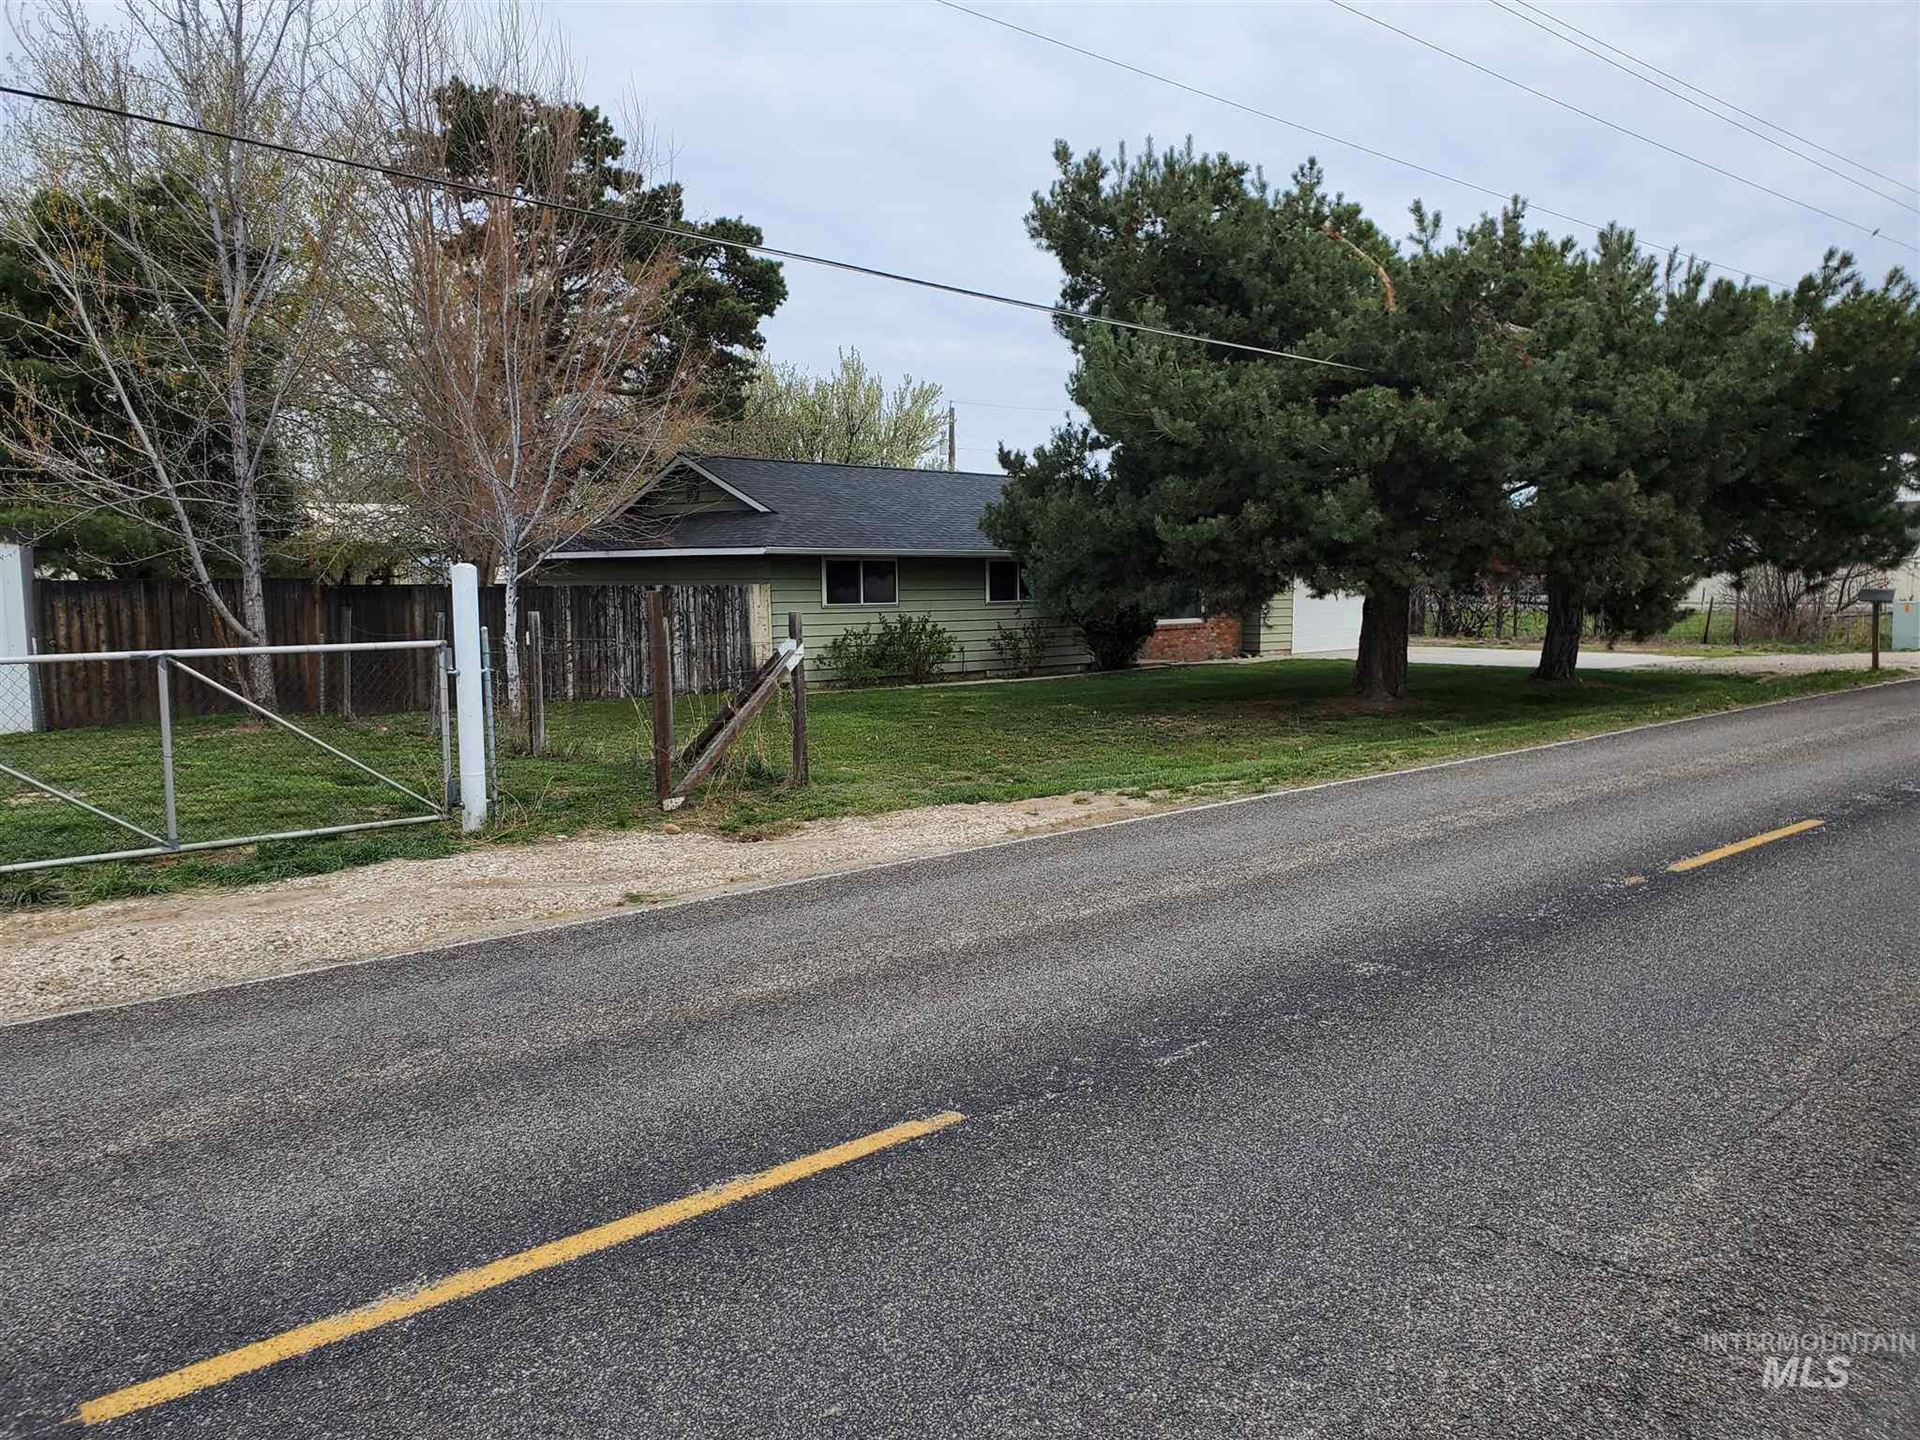 Photo of 865 S Linder, Meridian, ID 83642 (MLS # 98799775)